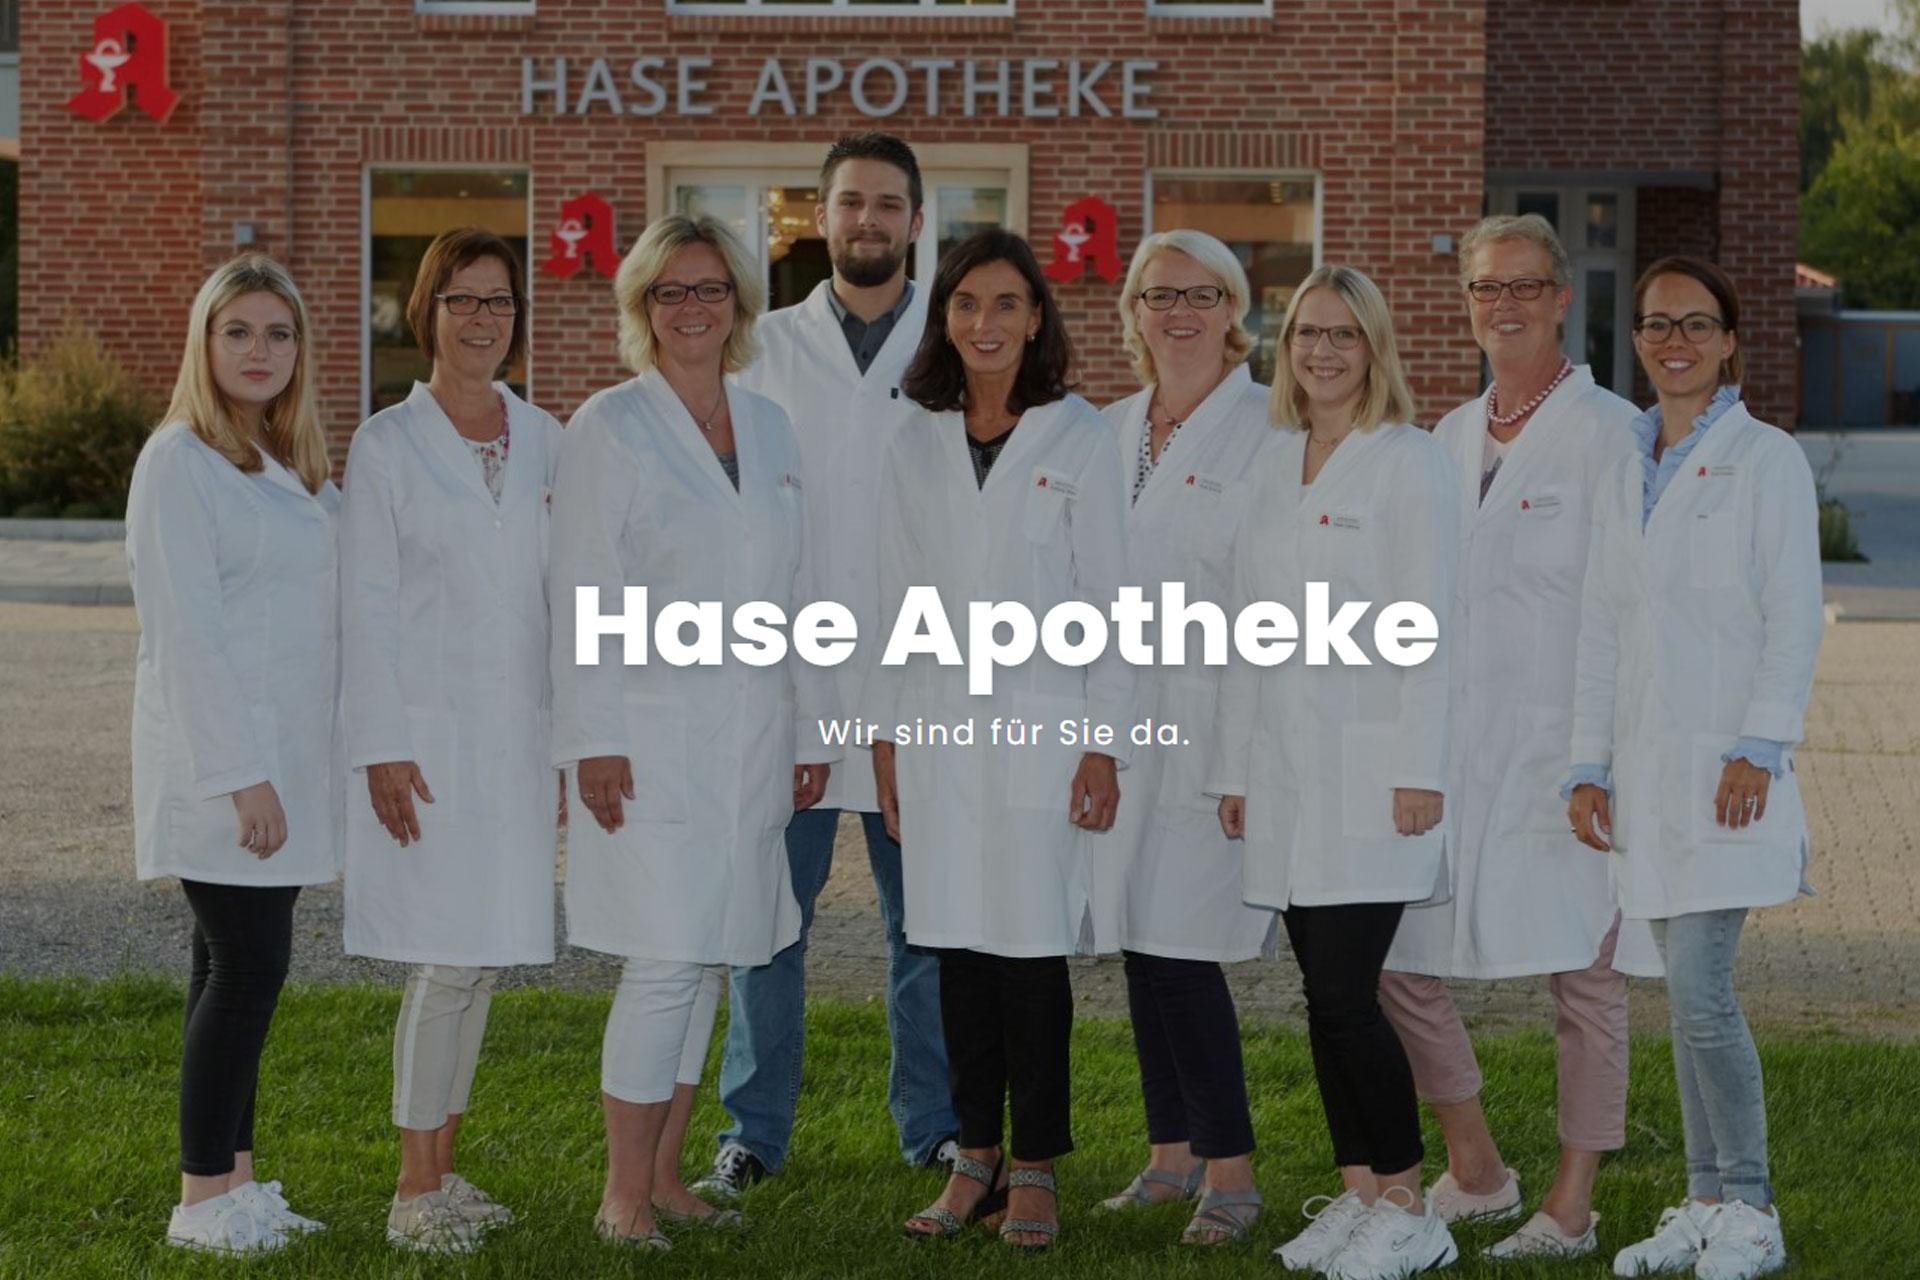 zum Bild: Hase Apotheke.